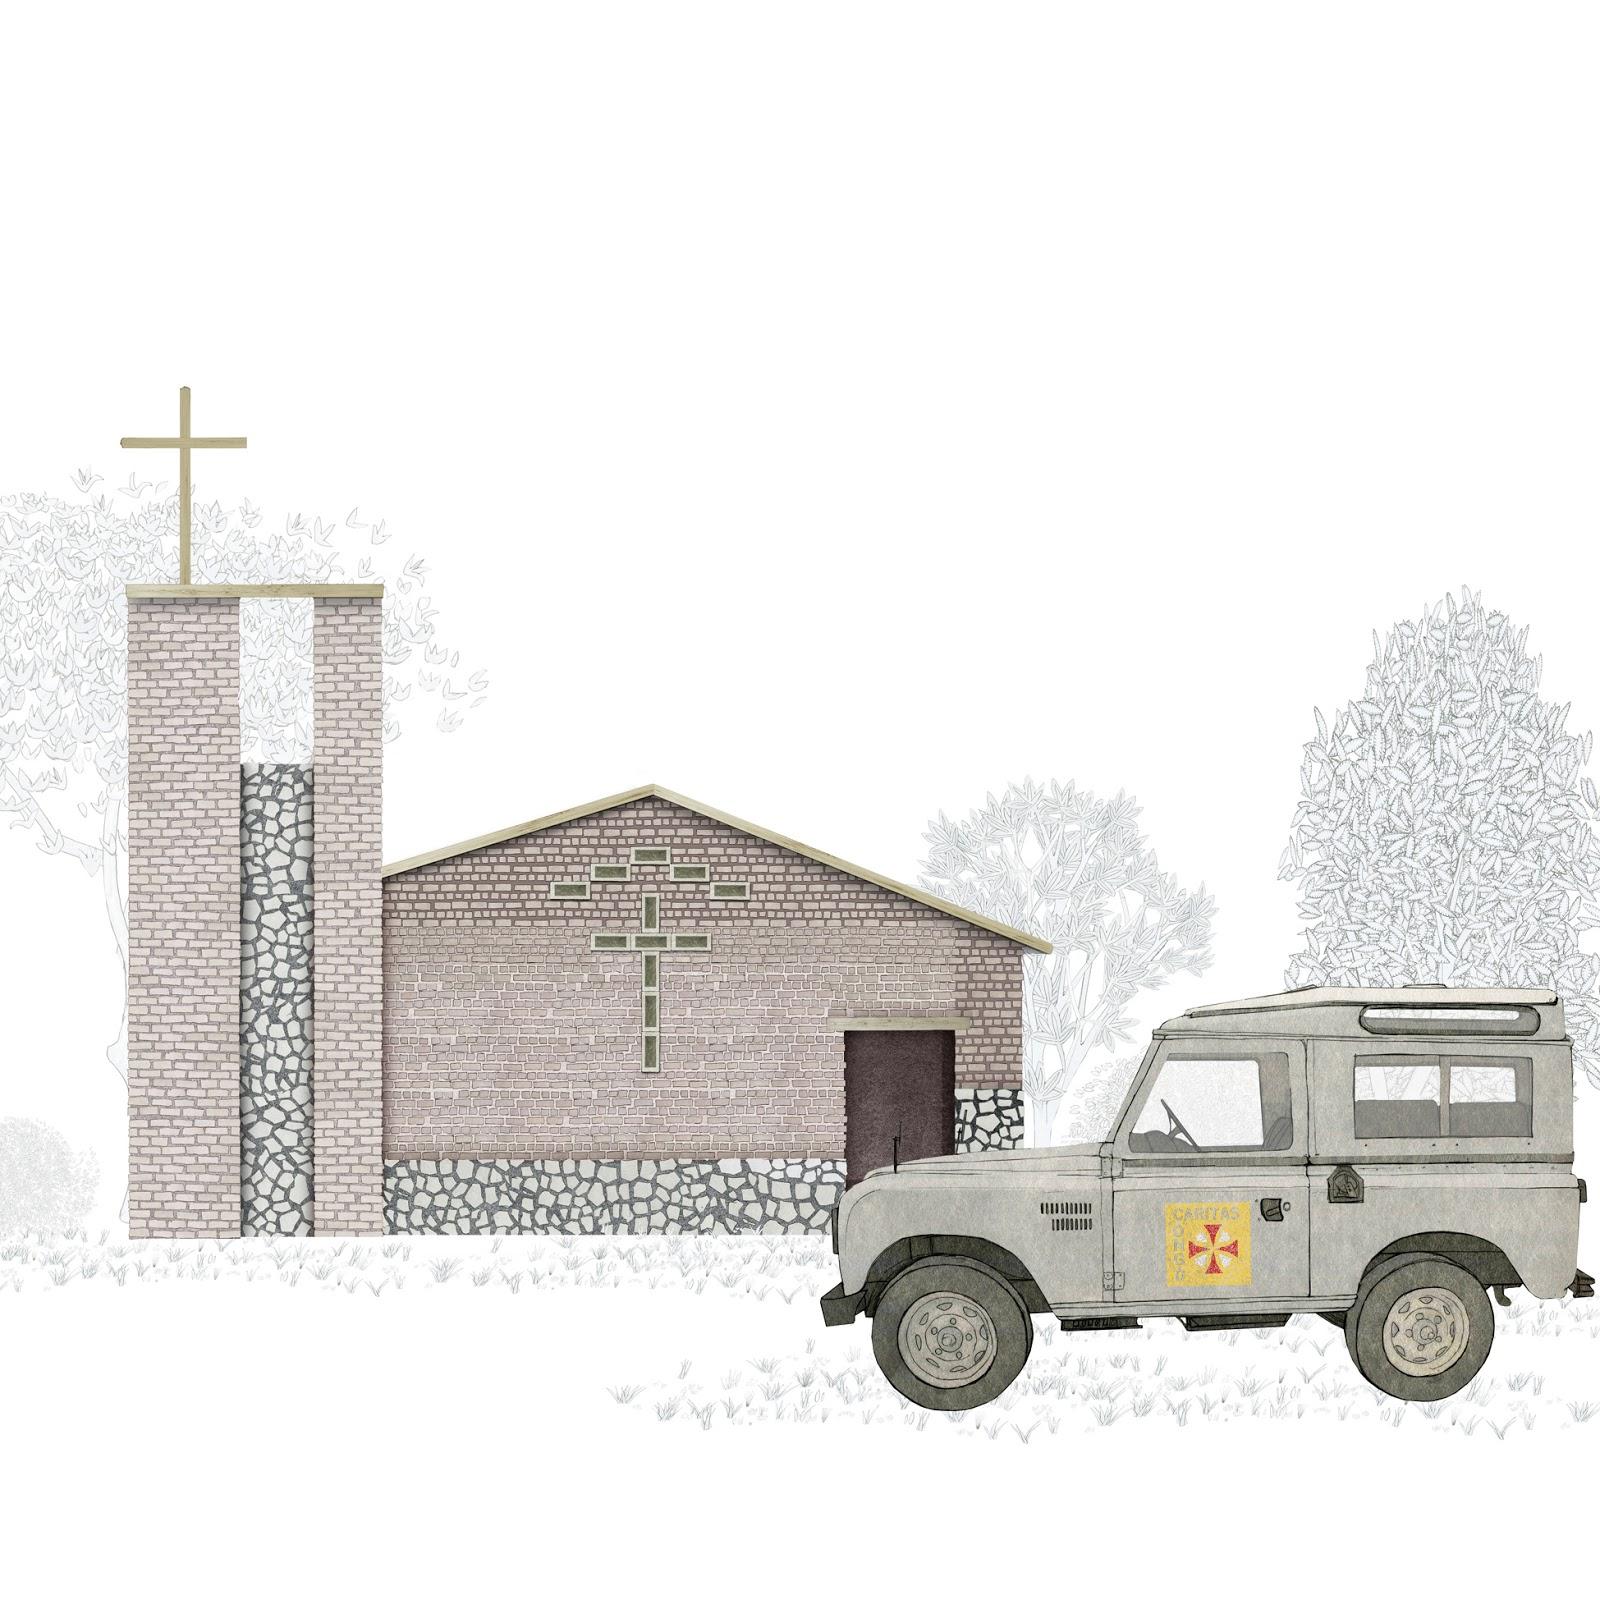 Arquitectura belga, mision,  Congo, años 60